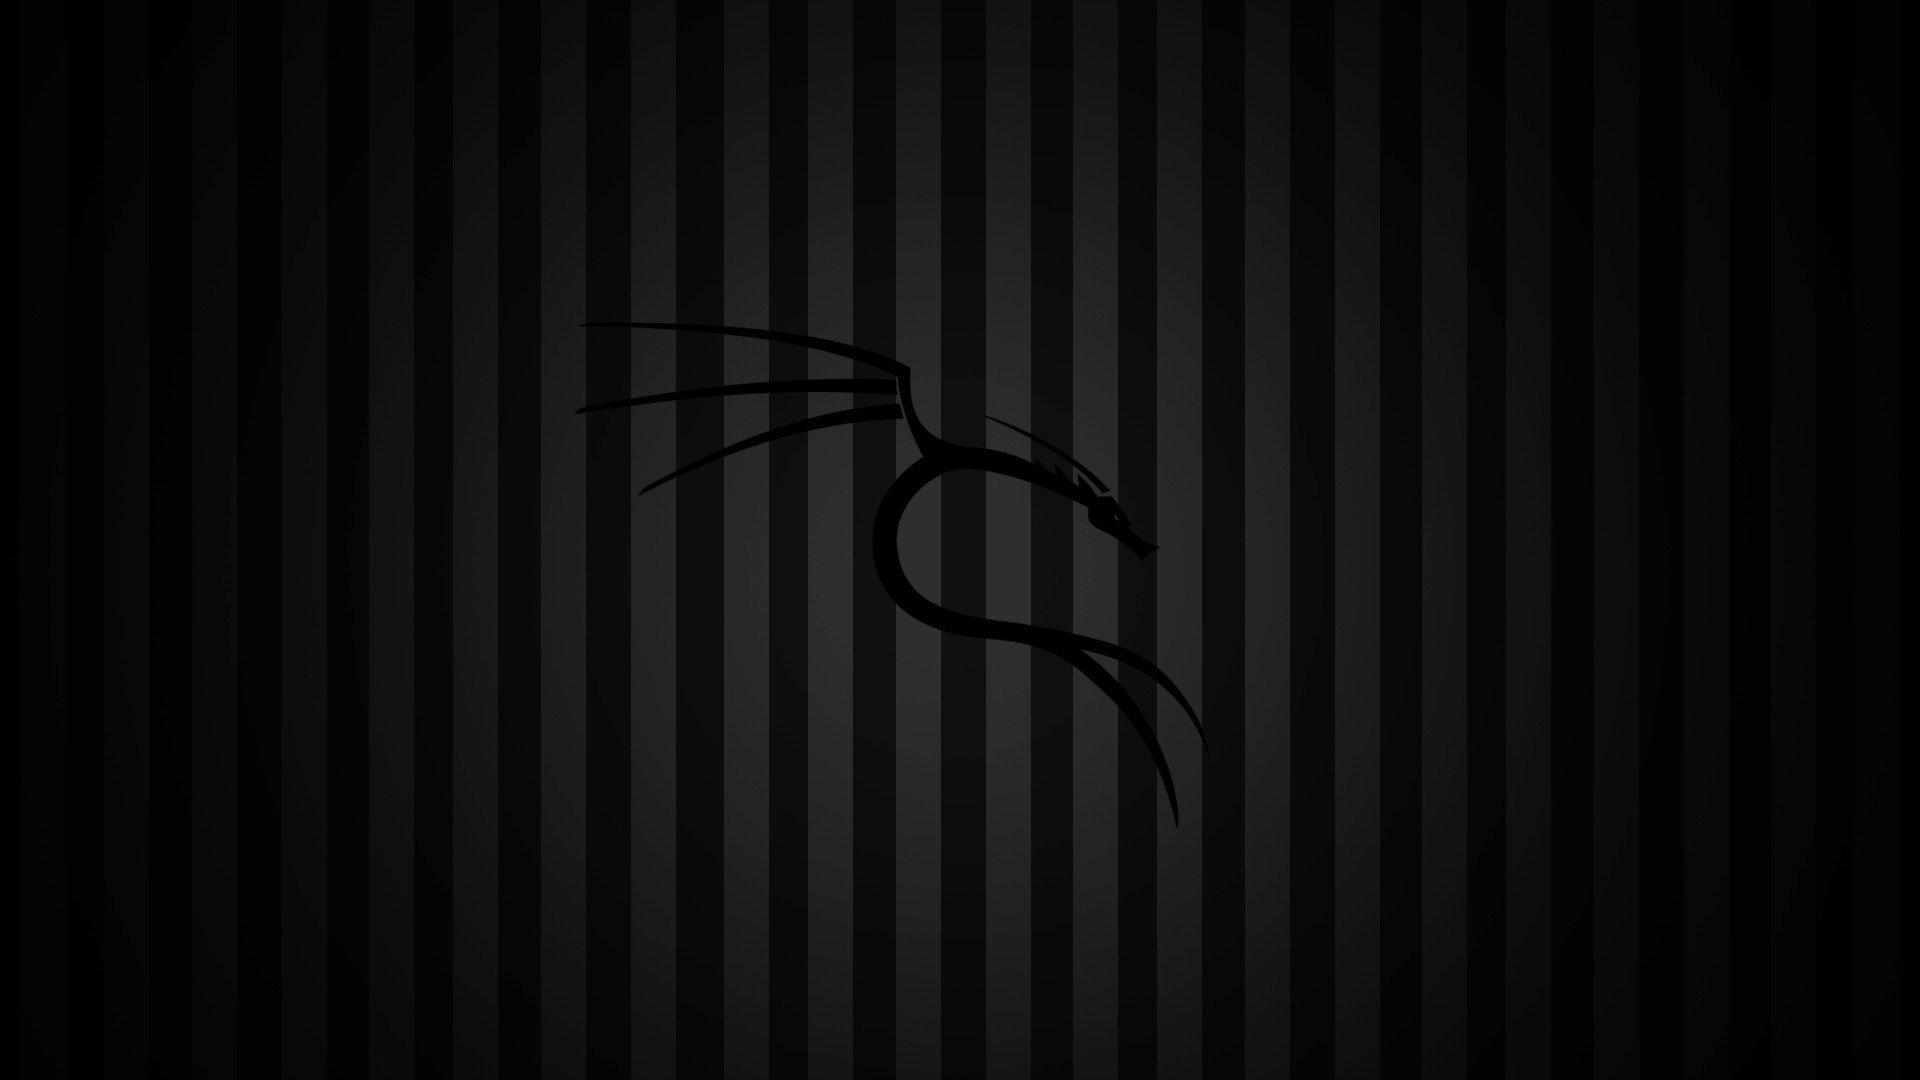 Papel De Parede 1920x1080 Px Kali Linux Kali Linux